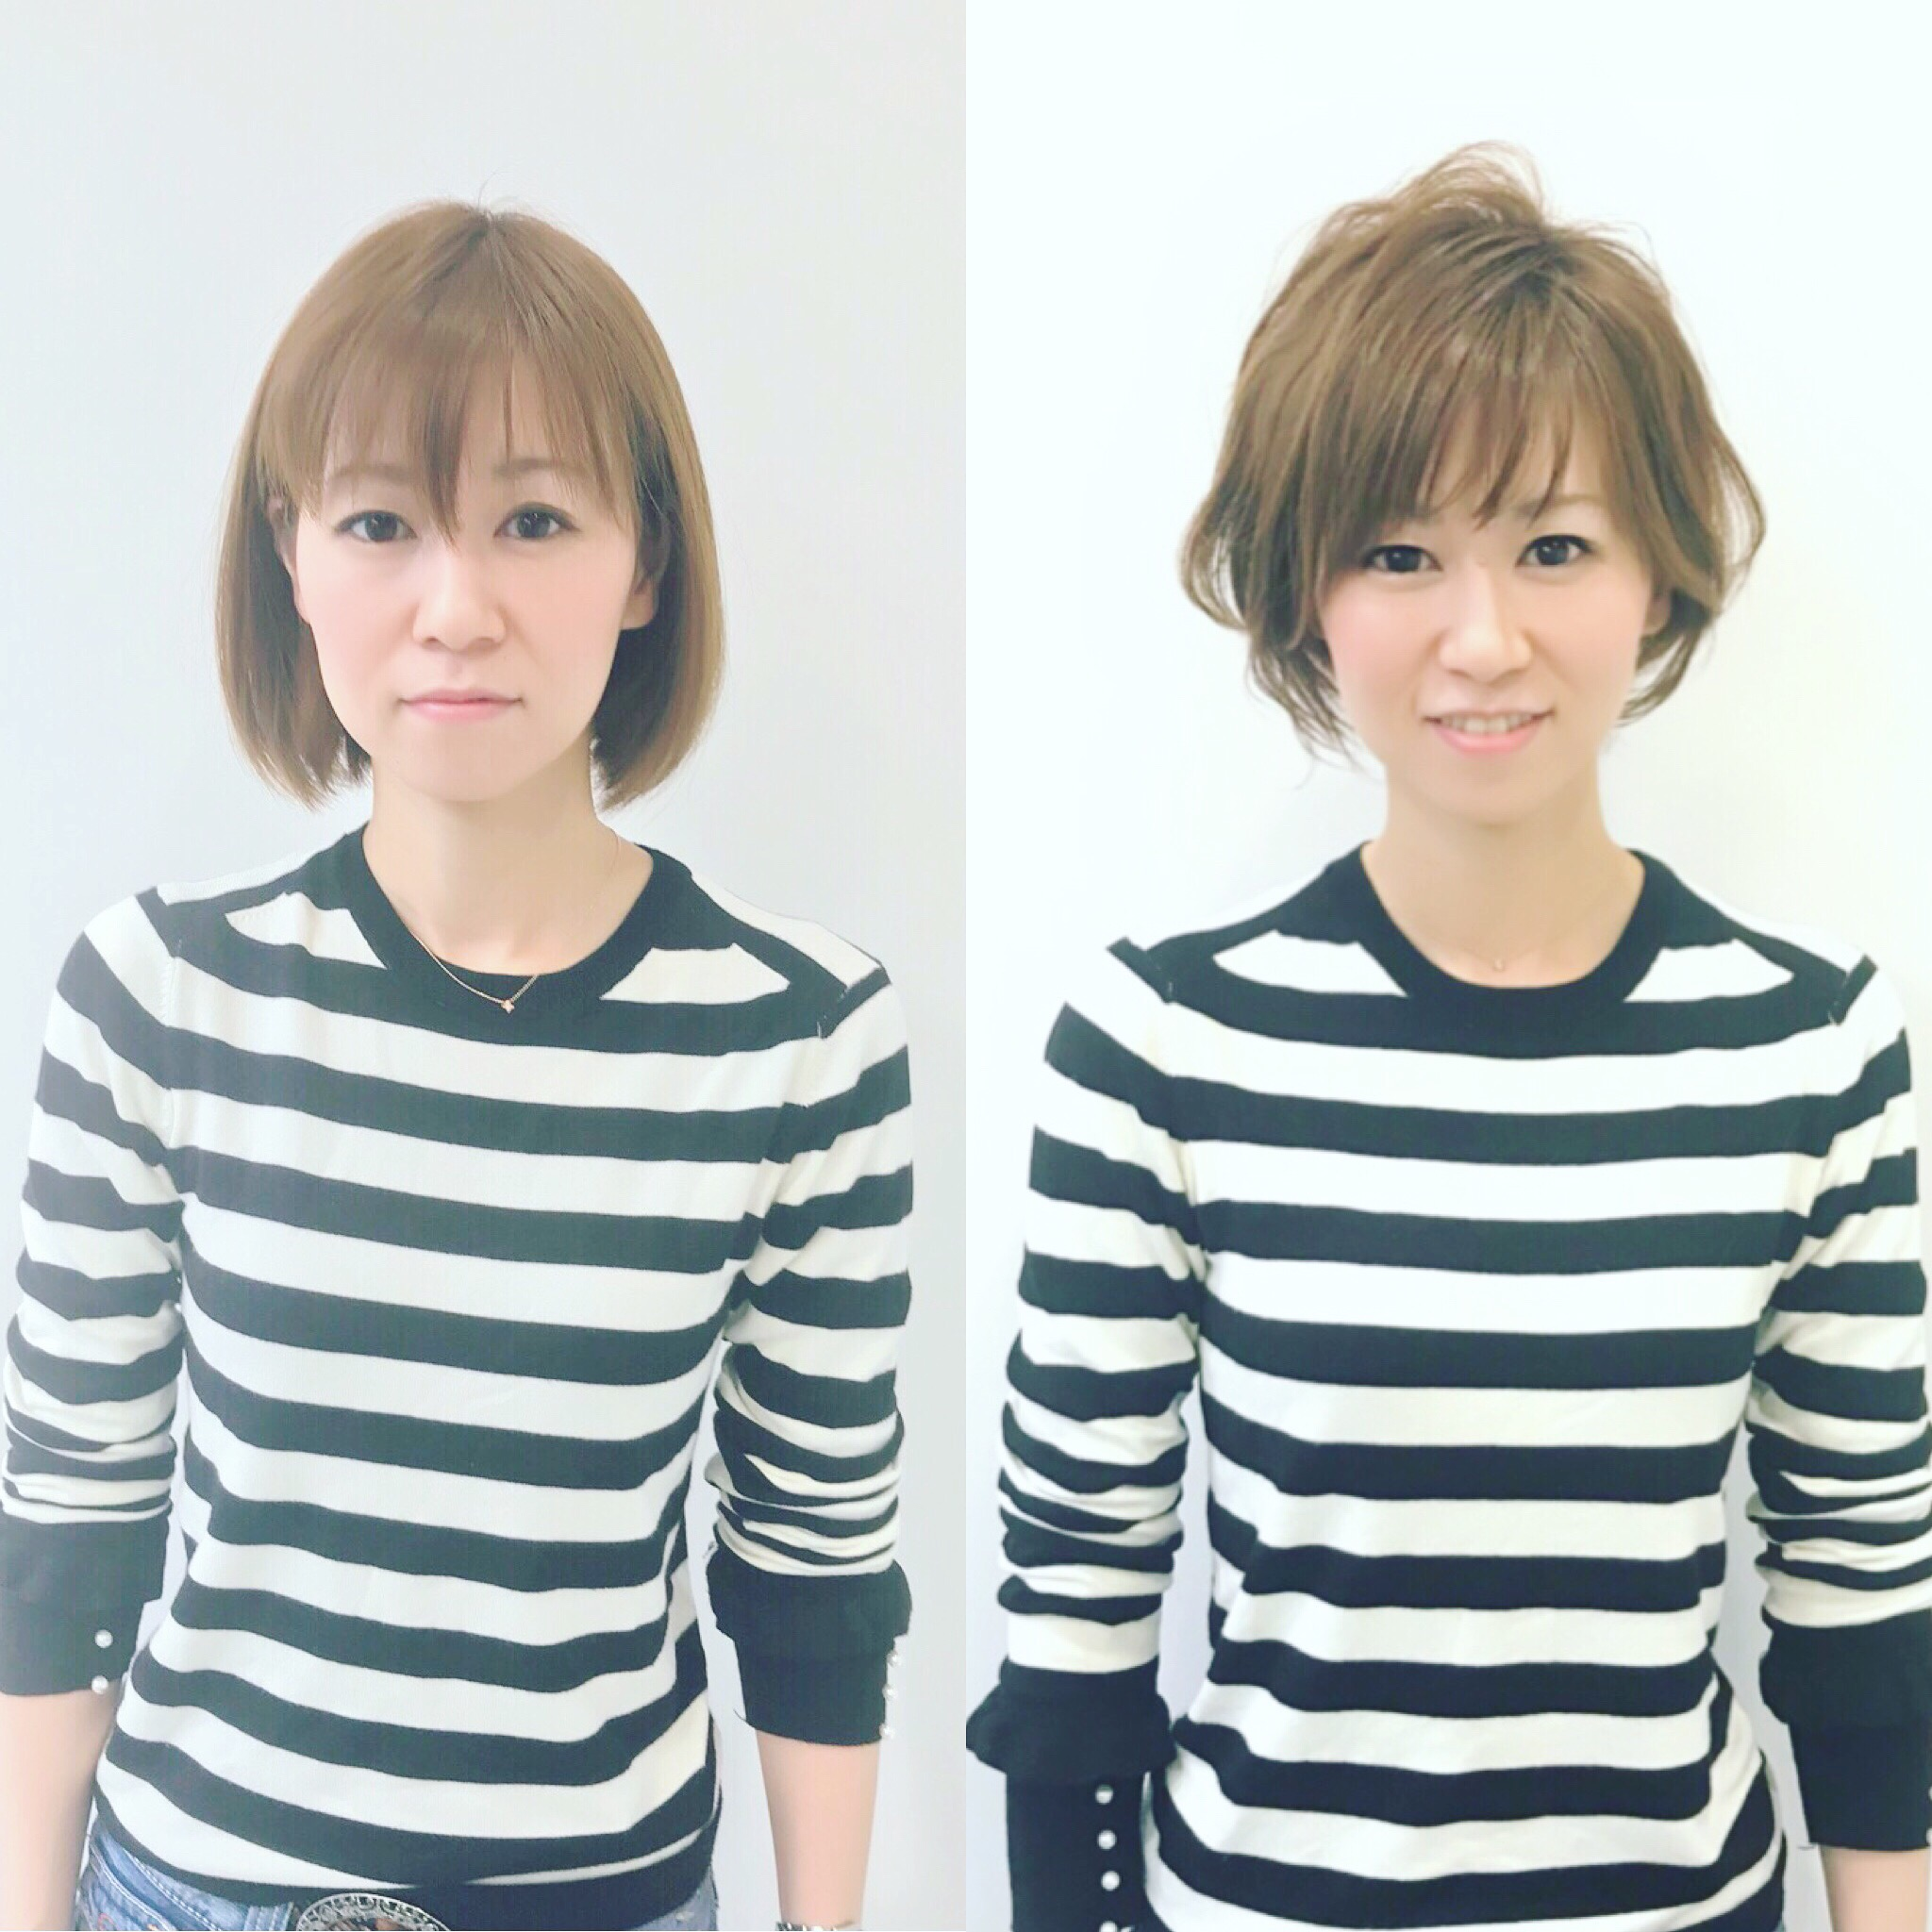 解決!!髪型ビフォーアフター!!